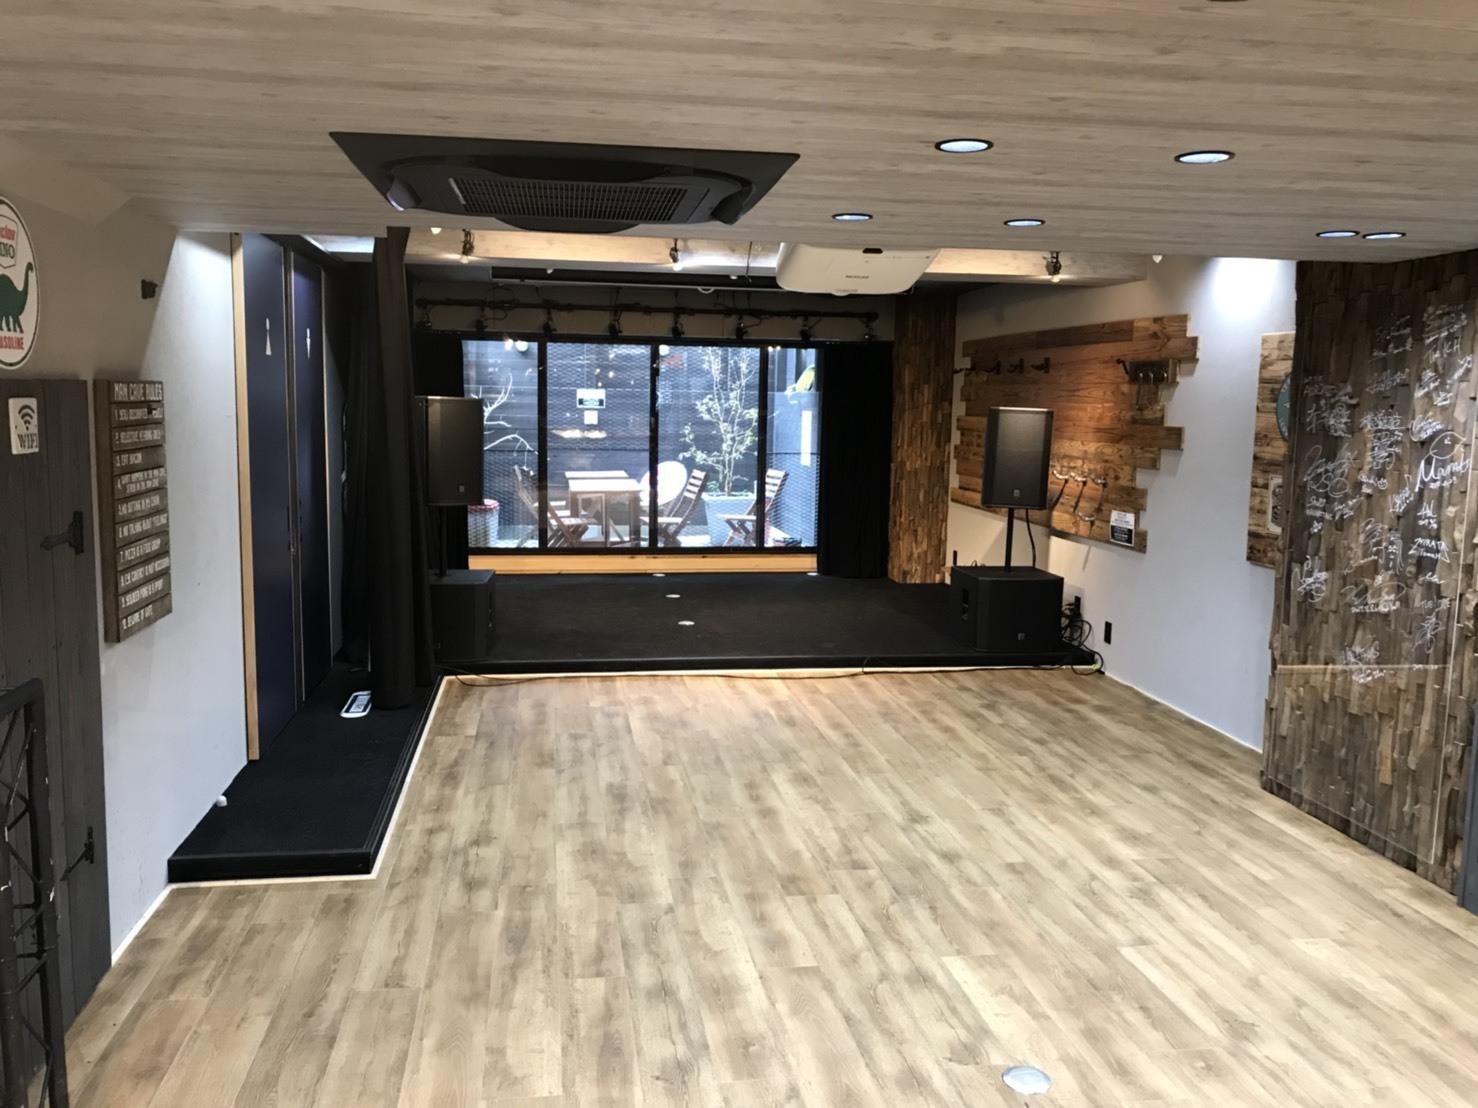 RoomOne~多目的レンタルスペース/スタジオやイベント、ワークショップに(RoomOne) の写真0